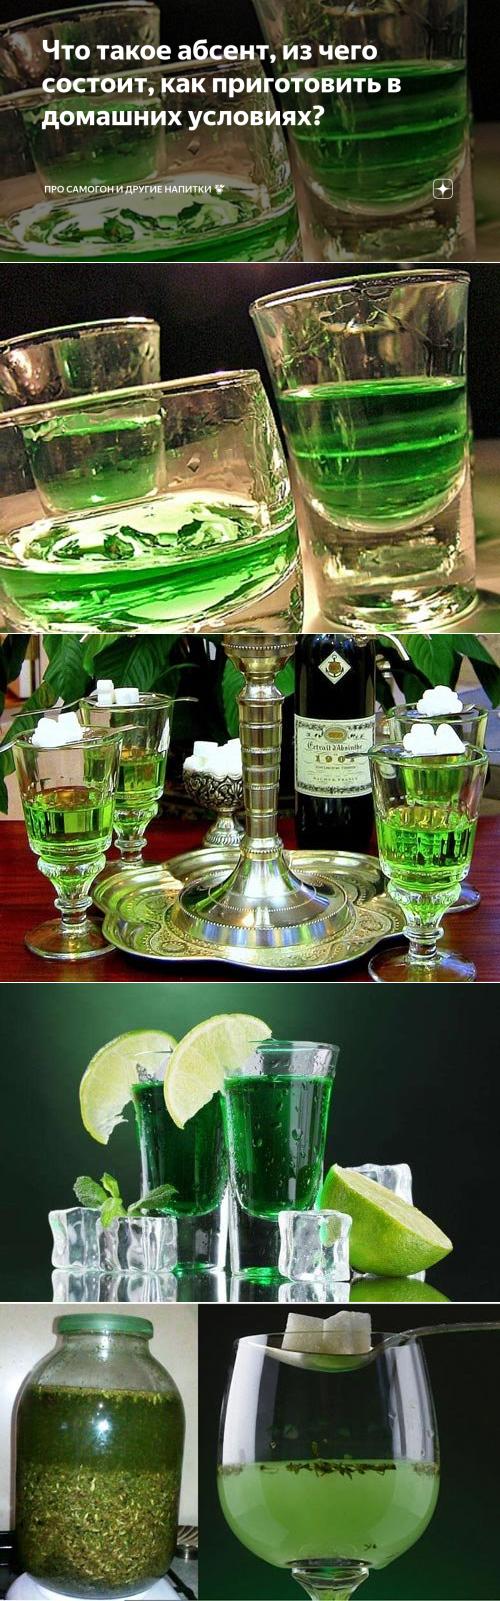 Абсент из самогона в домашних условиях: рецепт напитка приготовленного своими рукми